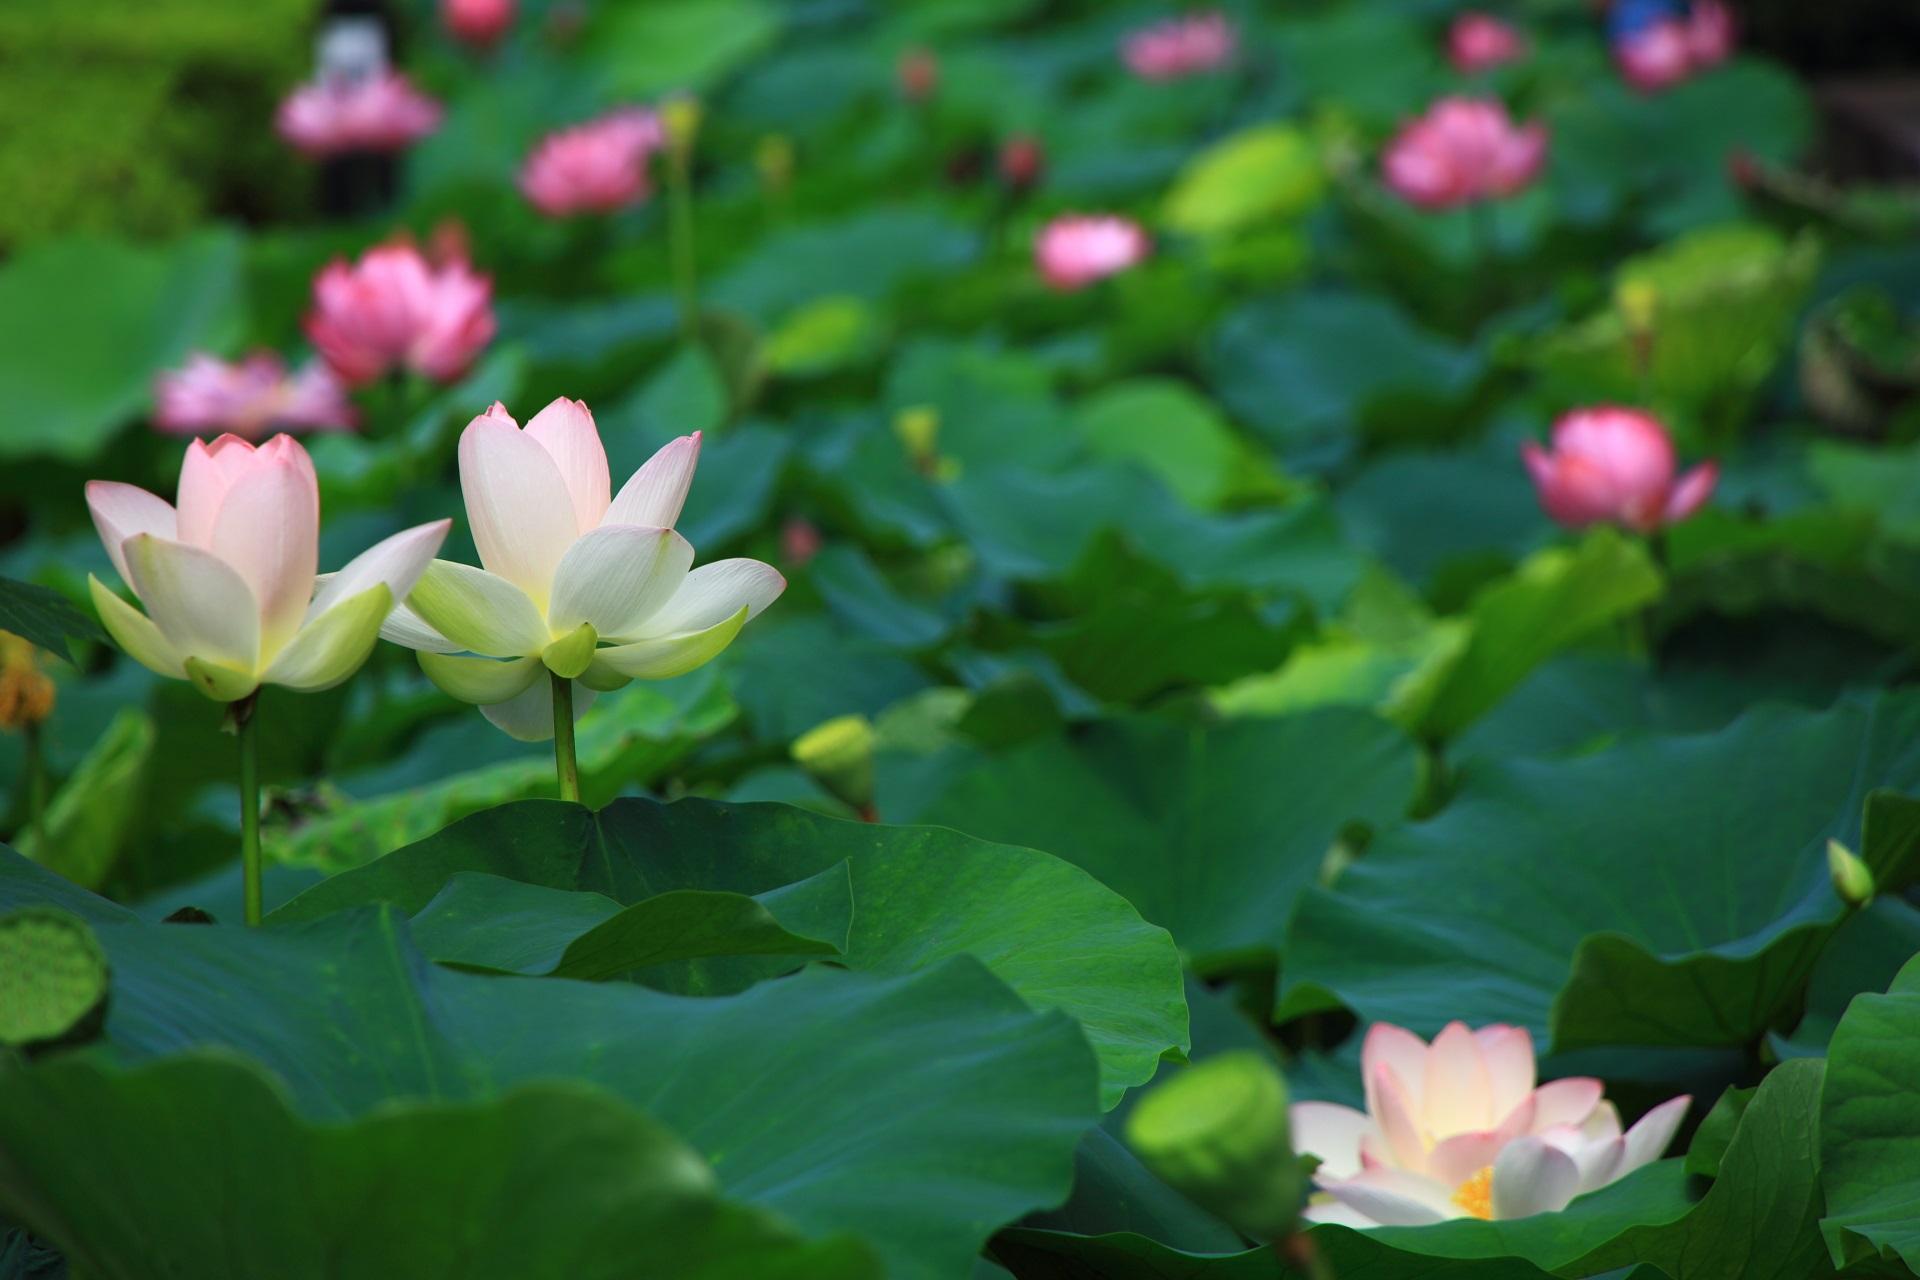 緑の波のような蓮の葉の上に咲くうっすらとピンクの入った白い蓮の花